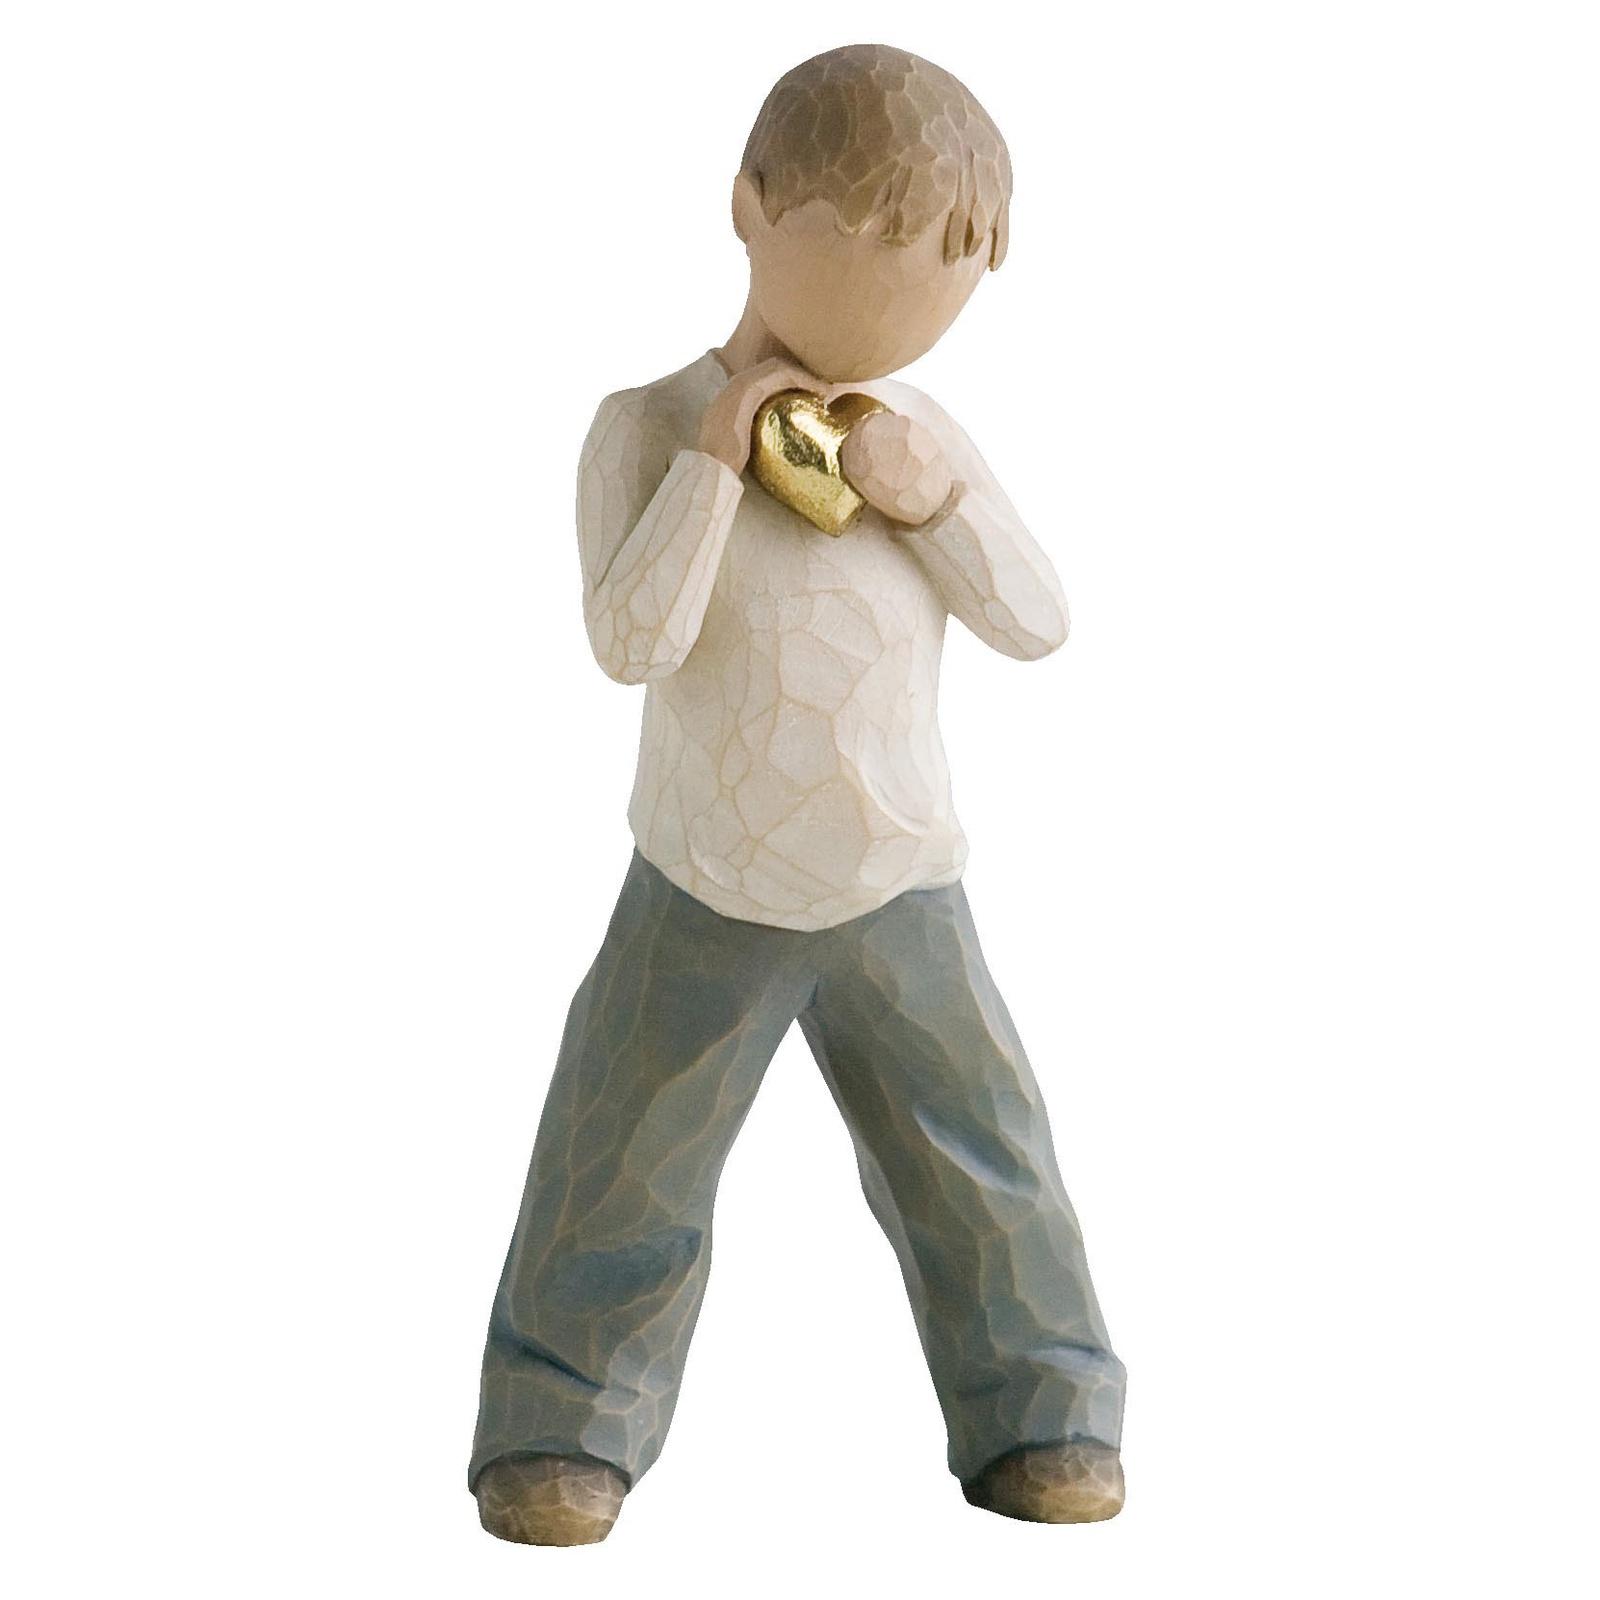 Фигурка декоративная Willow Tree статуэтка миниатюрная, интерьерная, 26142, Искусственный камень